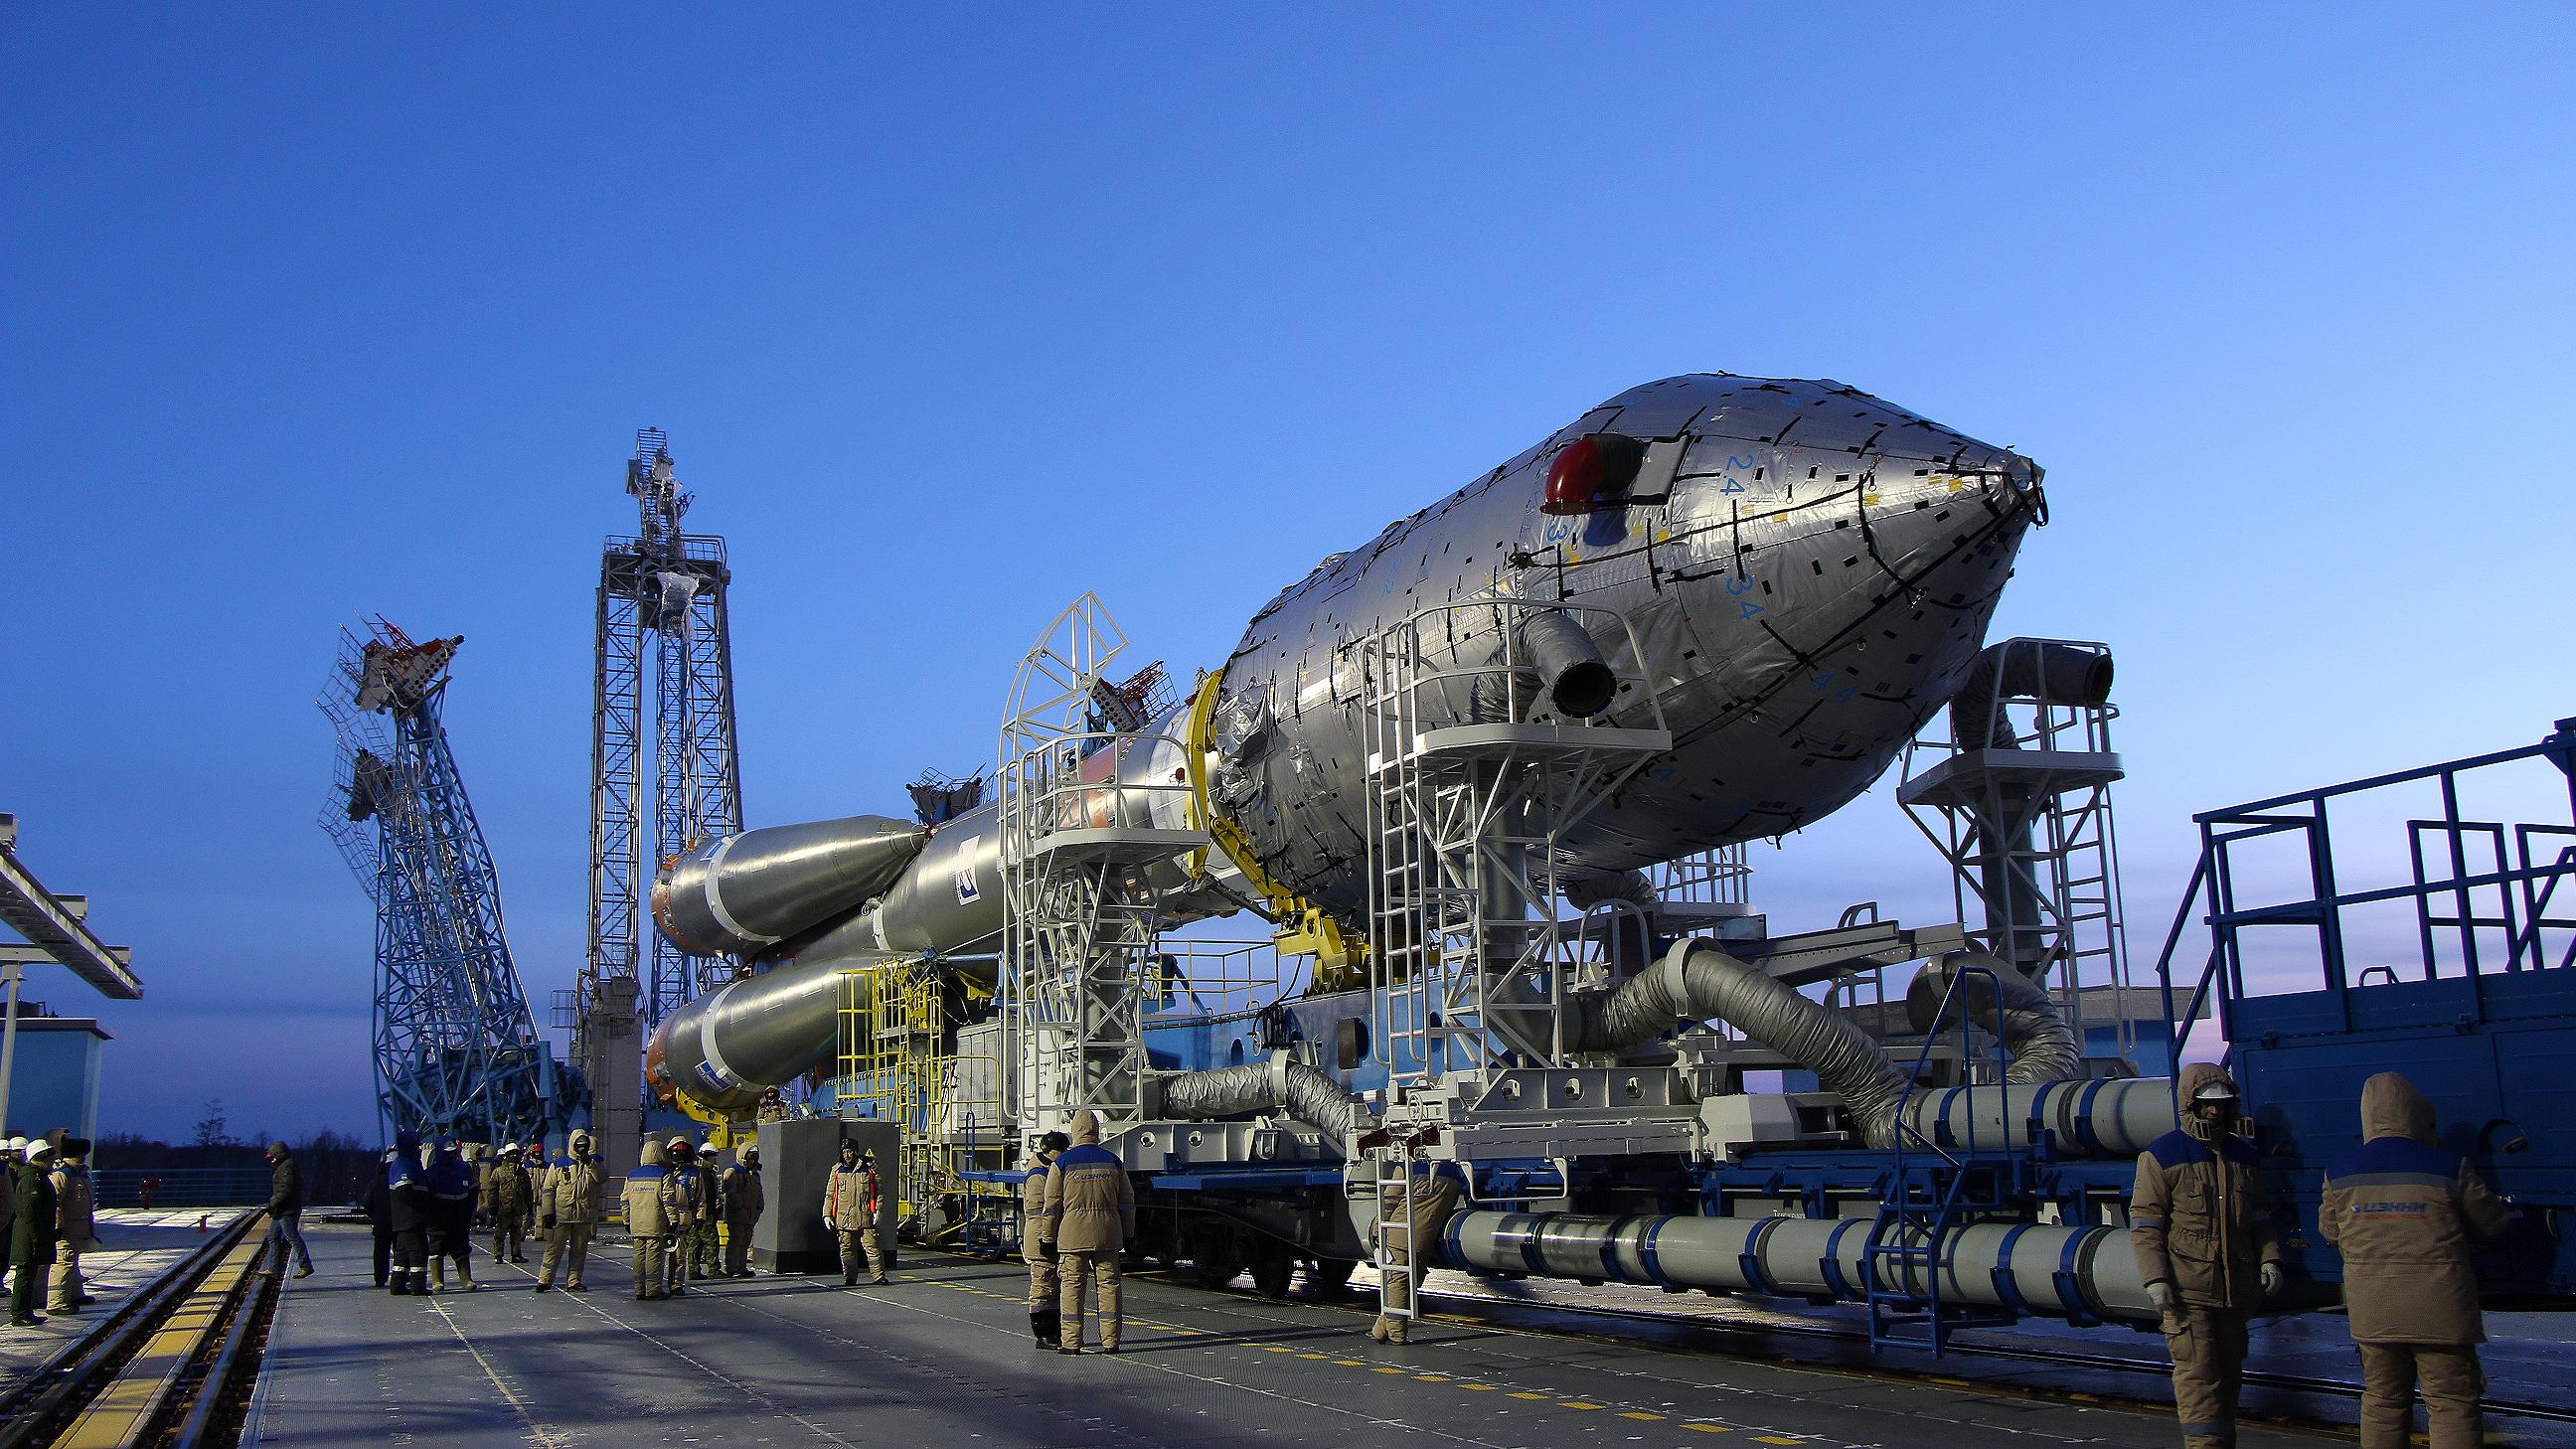 Сатановский и Фиговский обсудили необходимые изменения в ракетной отрасли РФ